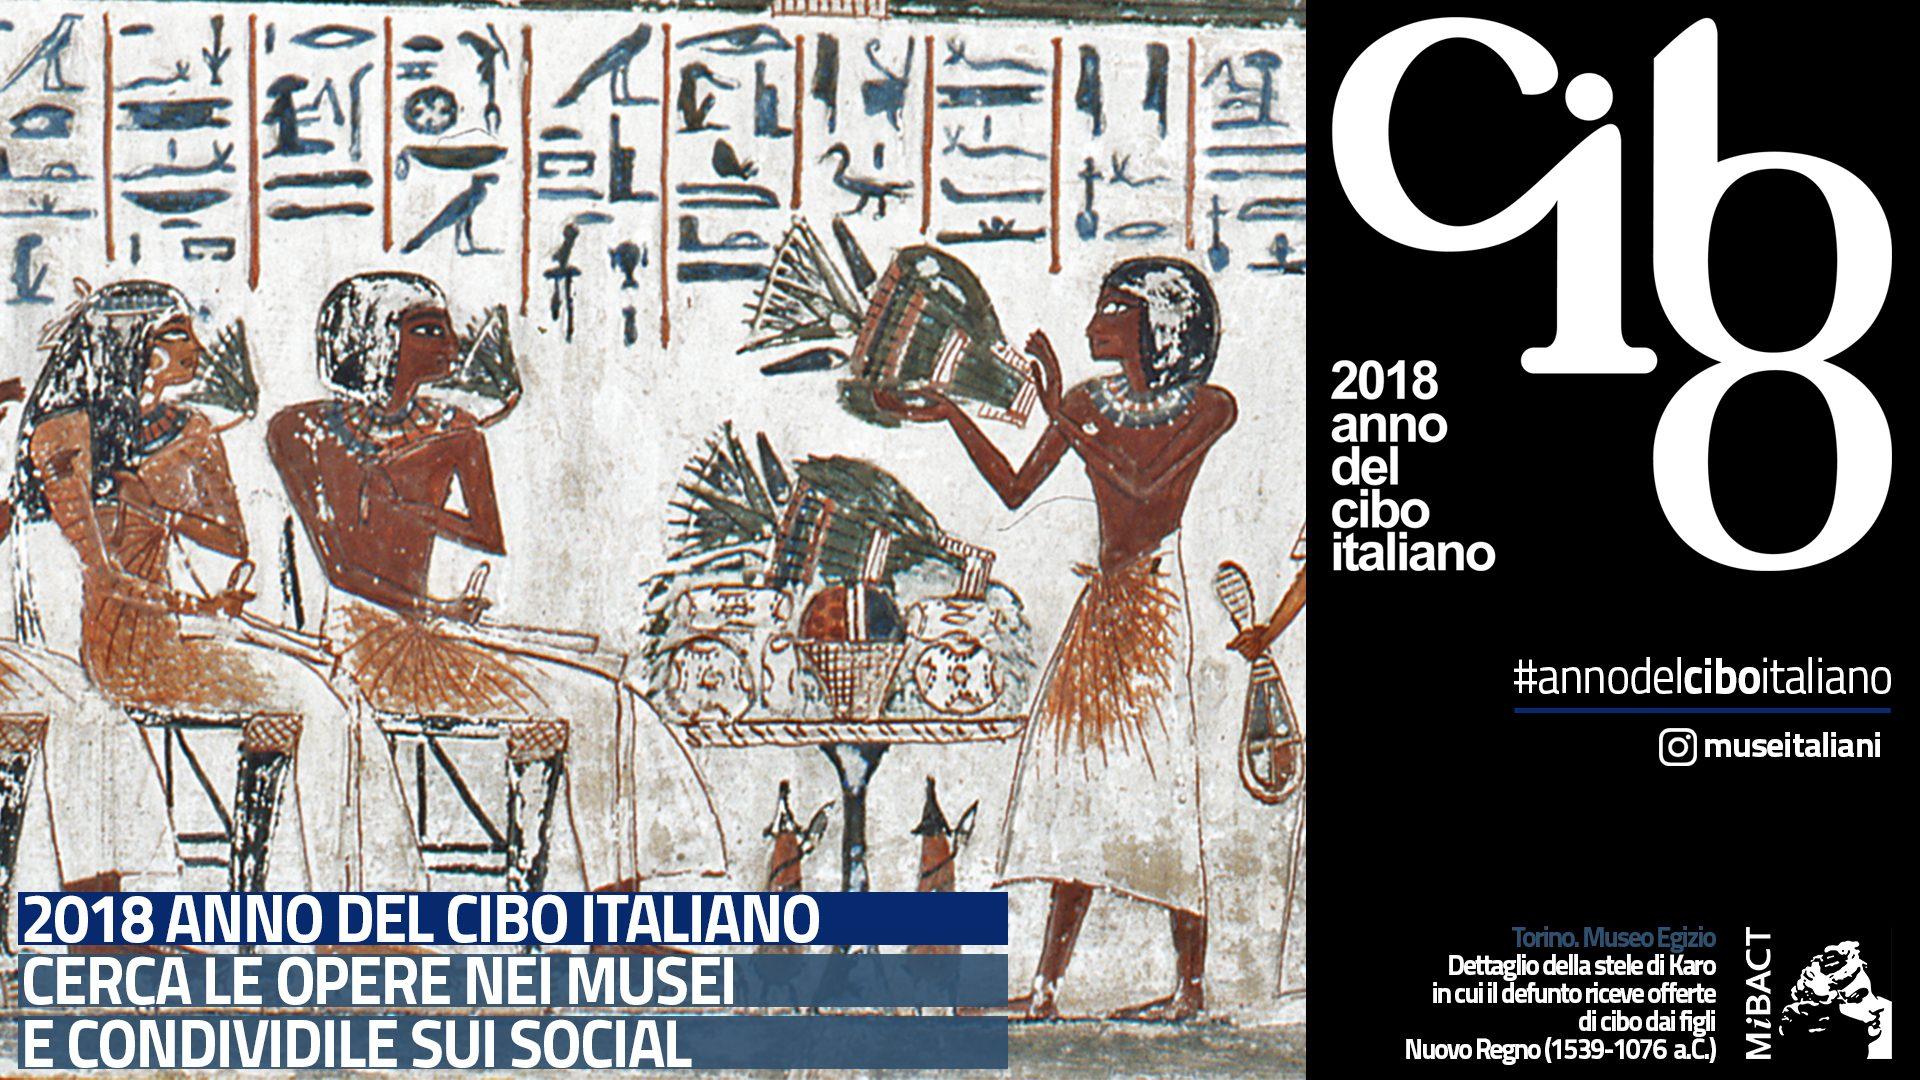 2018-anno-del-cibo_egizio-1920x1080